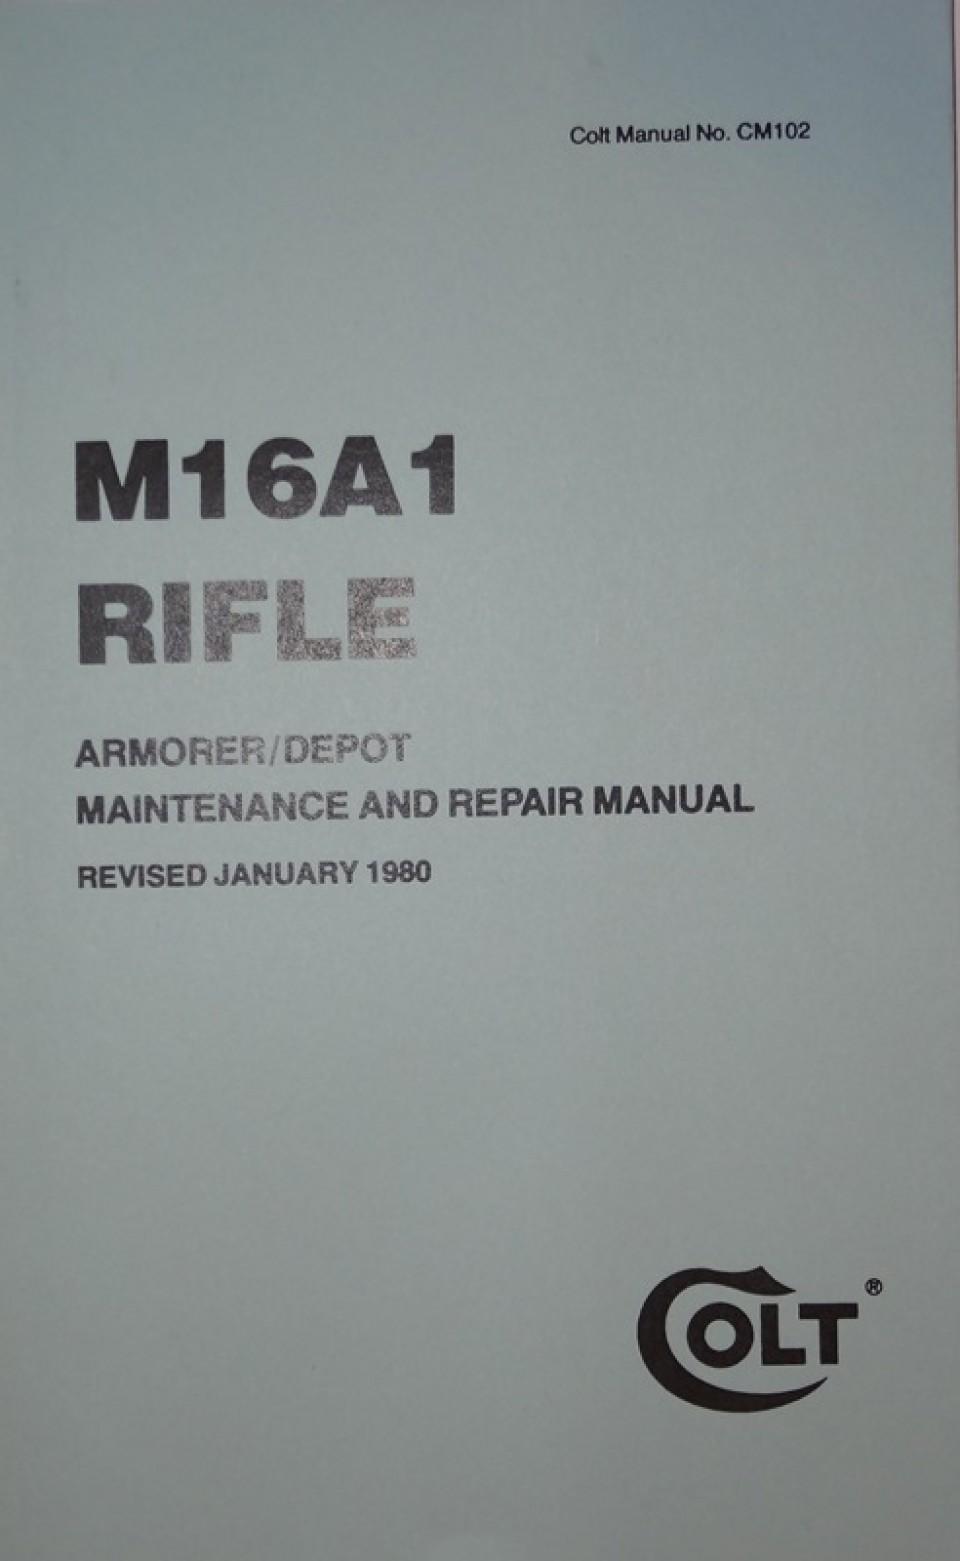 M 16 armorers Manual